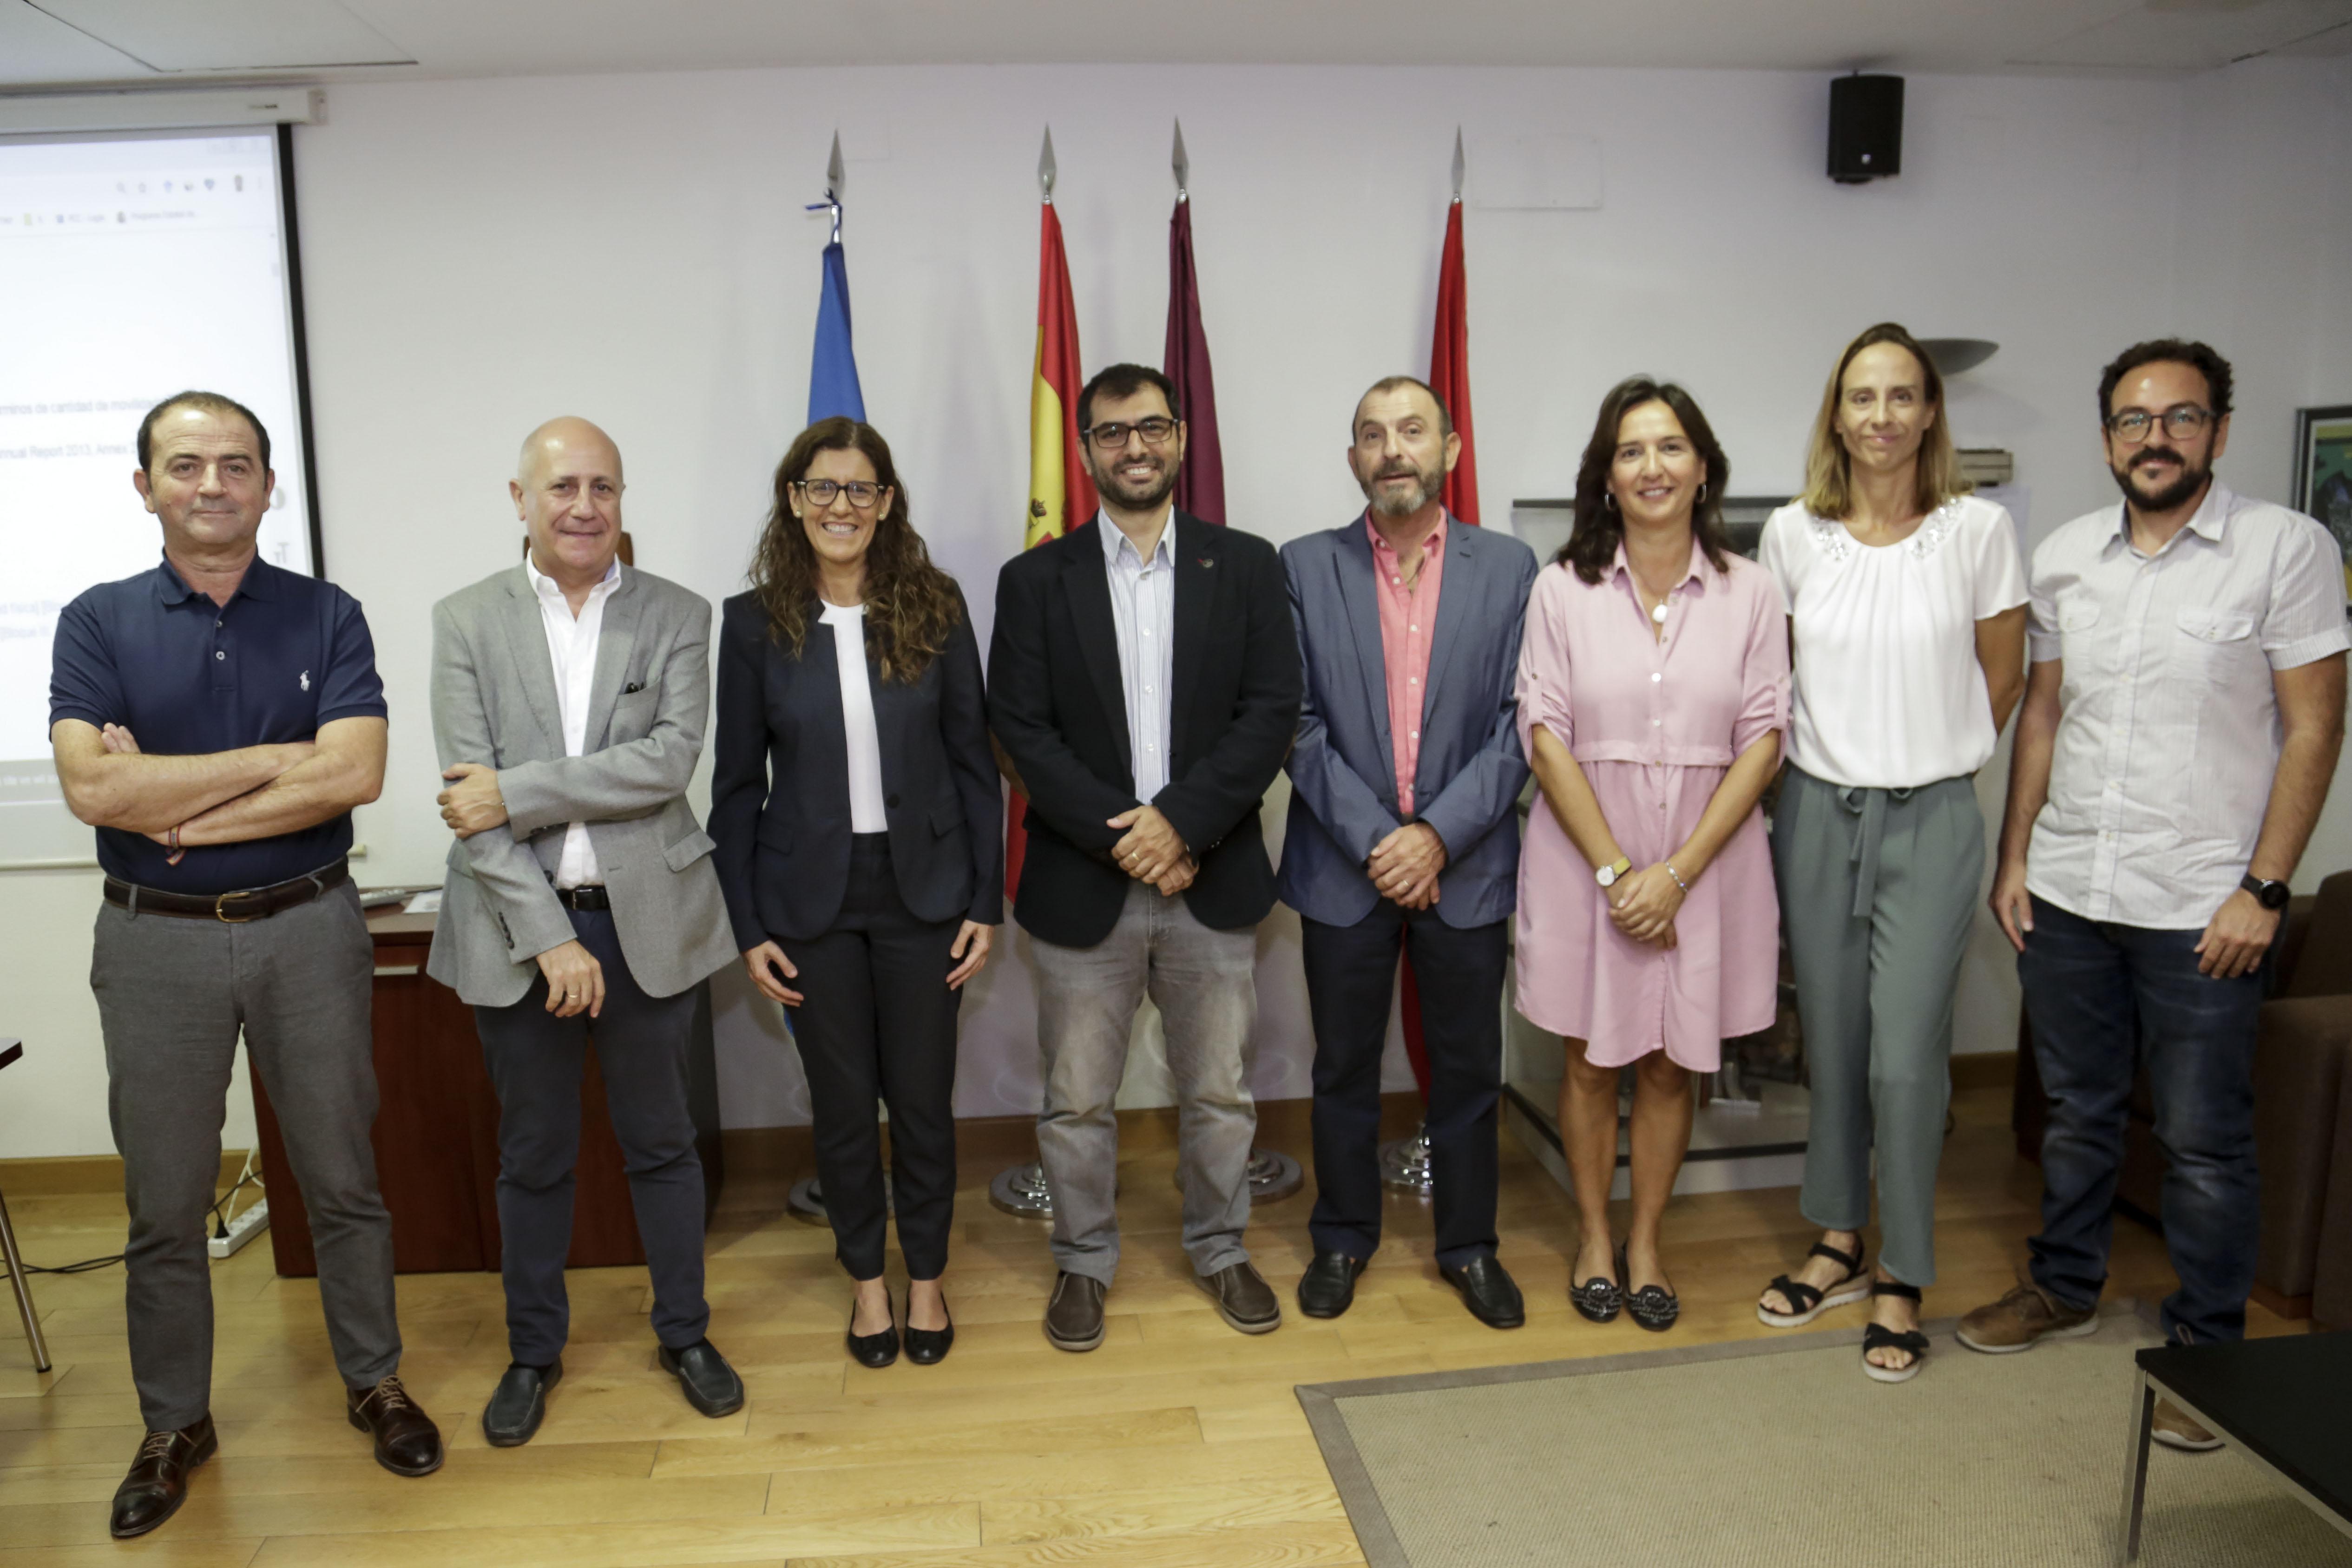 El proyecto MobiAbility, coordinado por la UMU, concluye y da a conocer el estándar de medidas de apoyo a estudiantes Erasmus+ con necesidades especiales